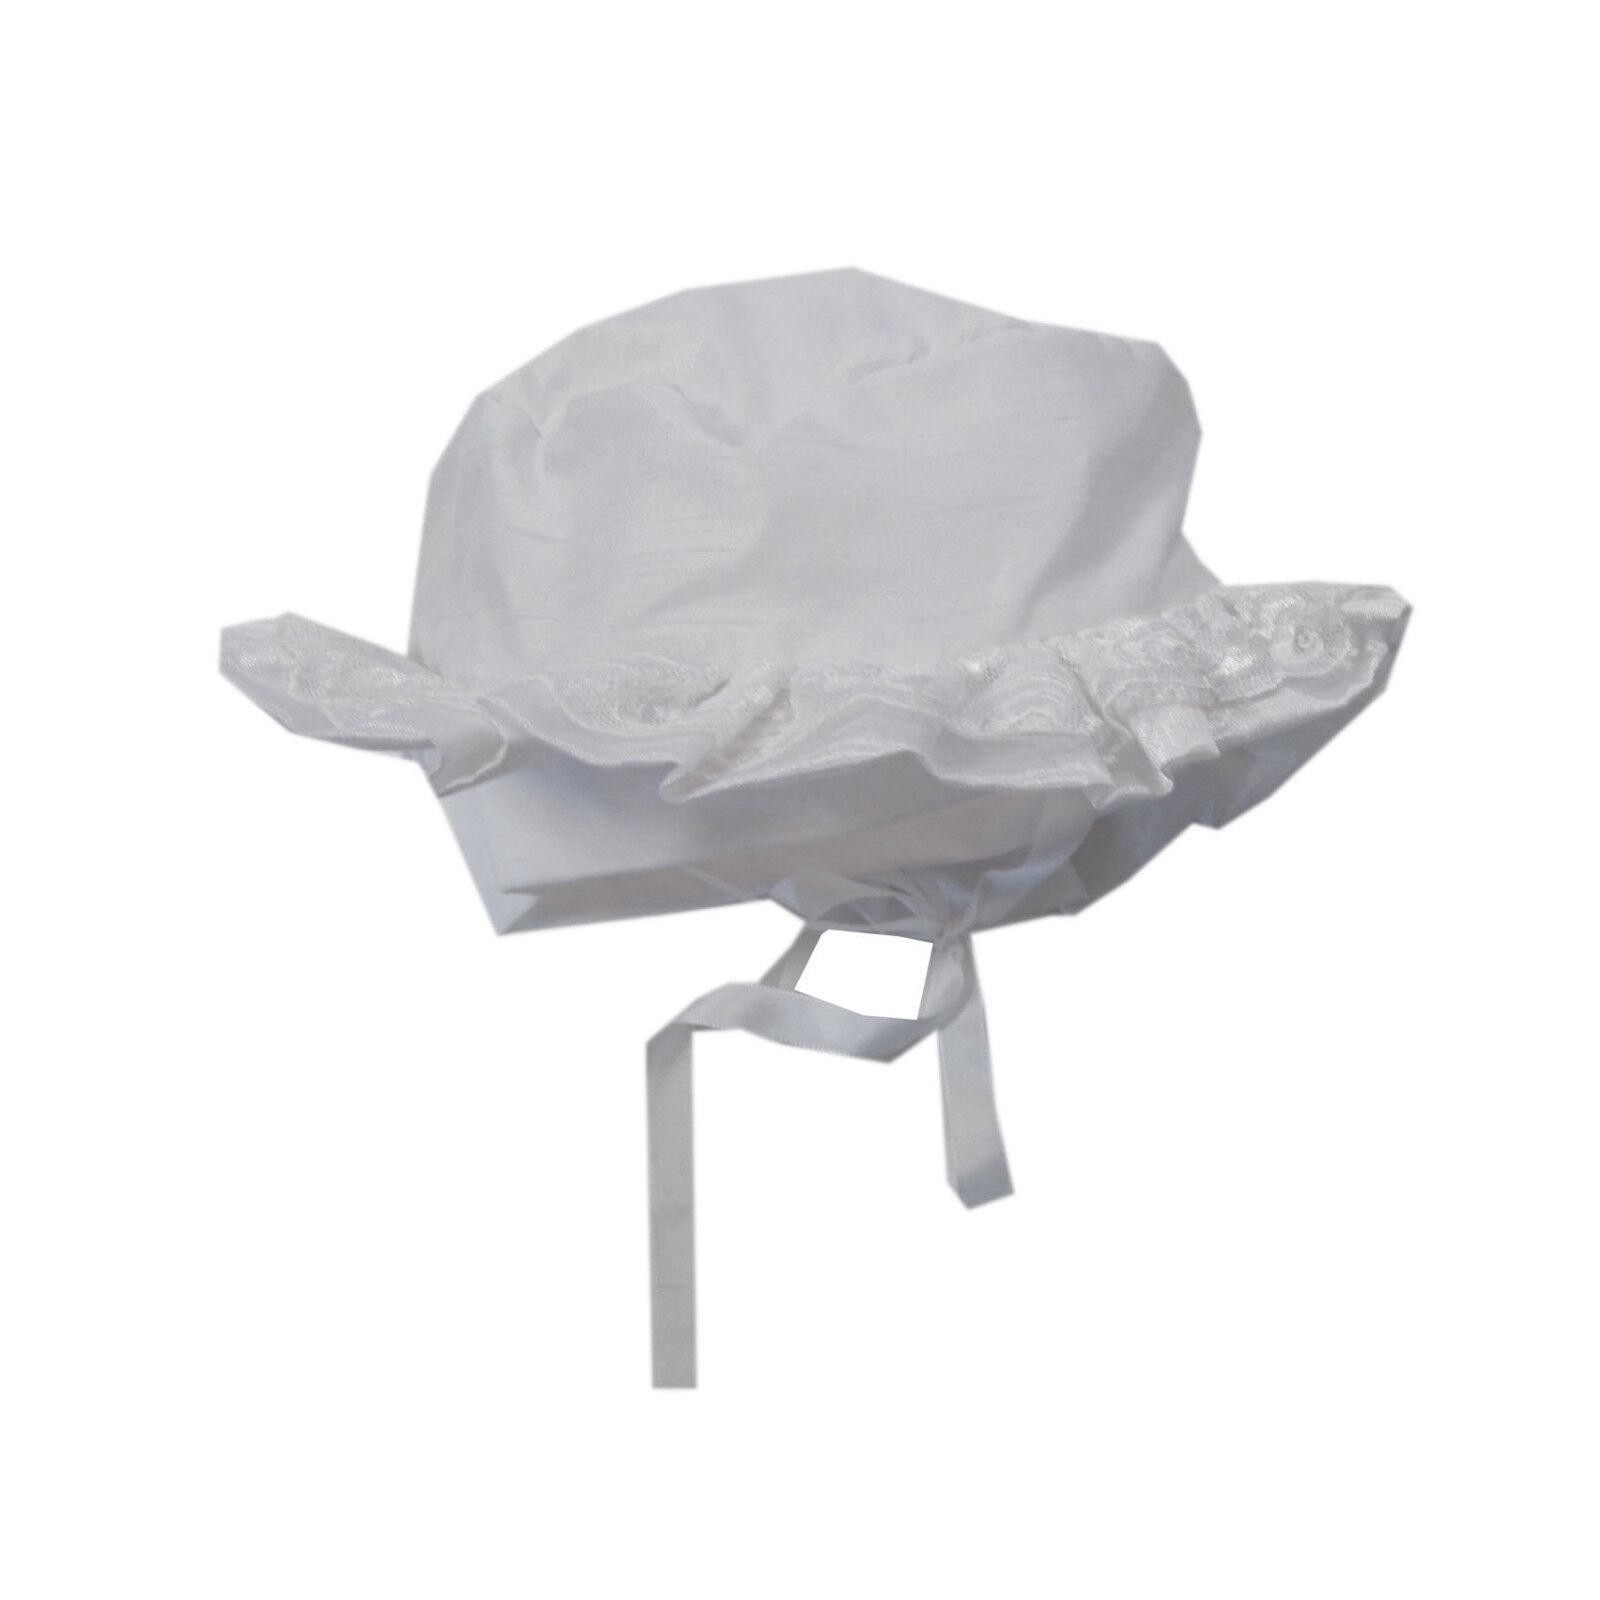 Staab Mütze Mützen Hut Taufe Mädchen Weiß Baby Festlich Gr. 41/43cm, 45/47cm